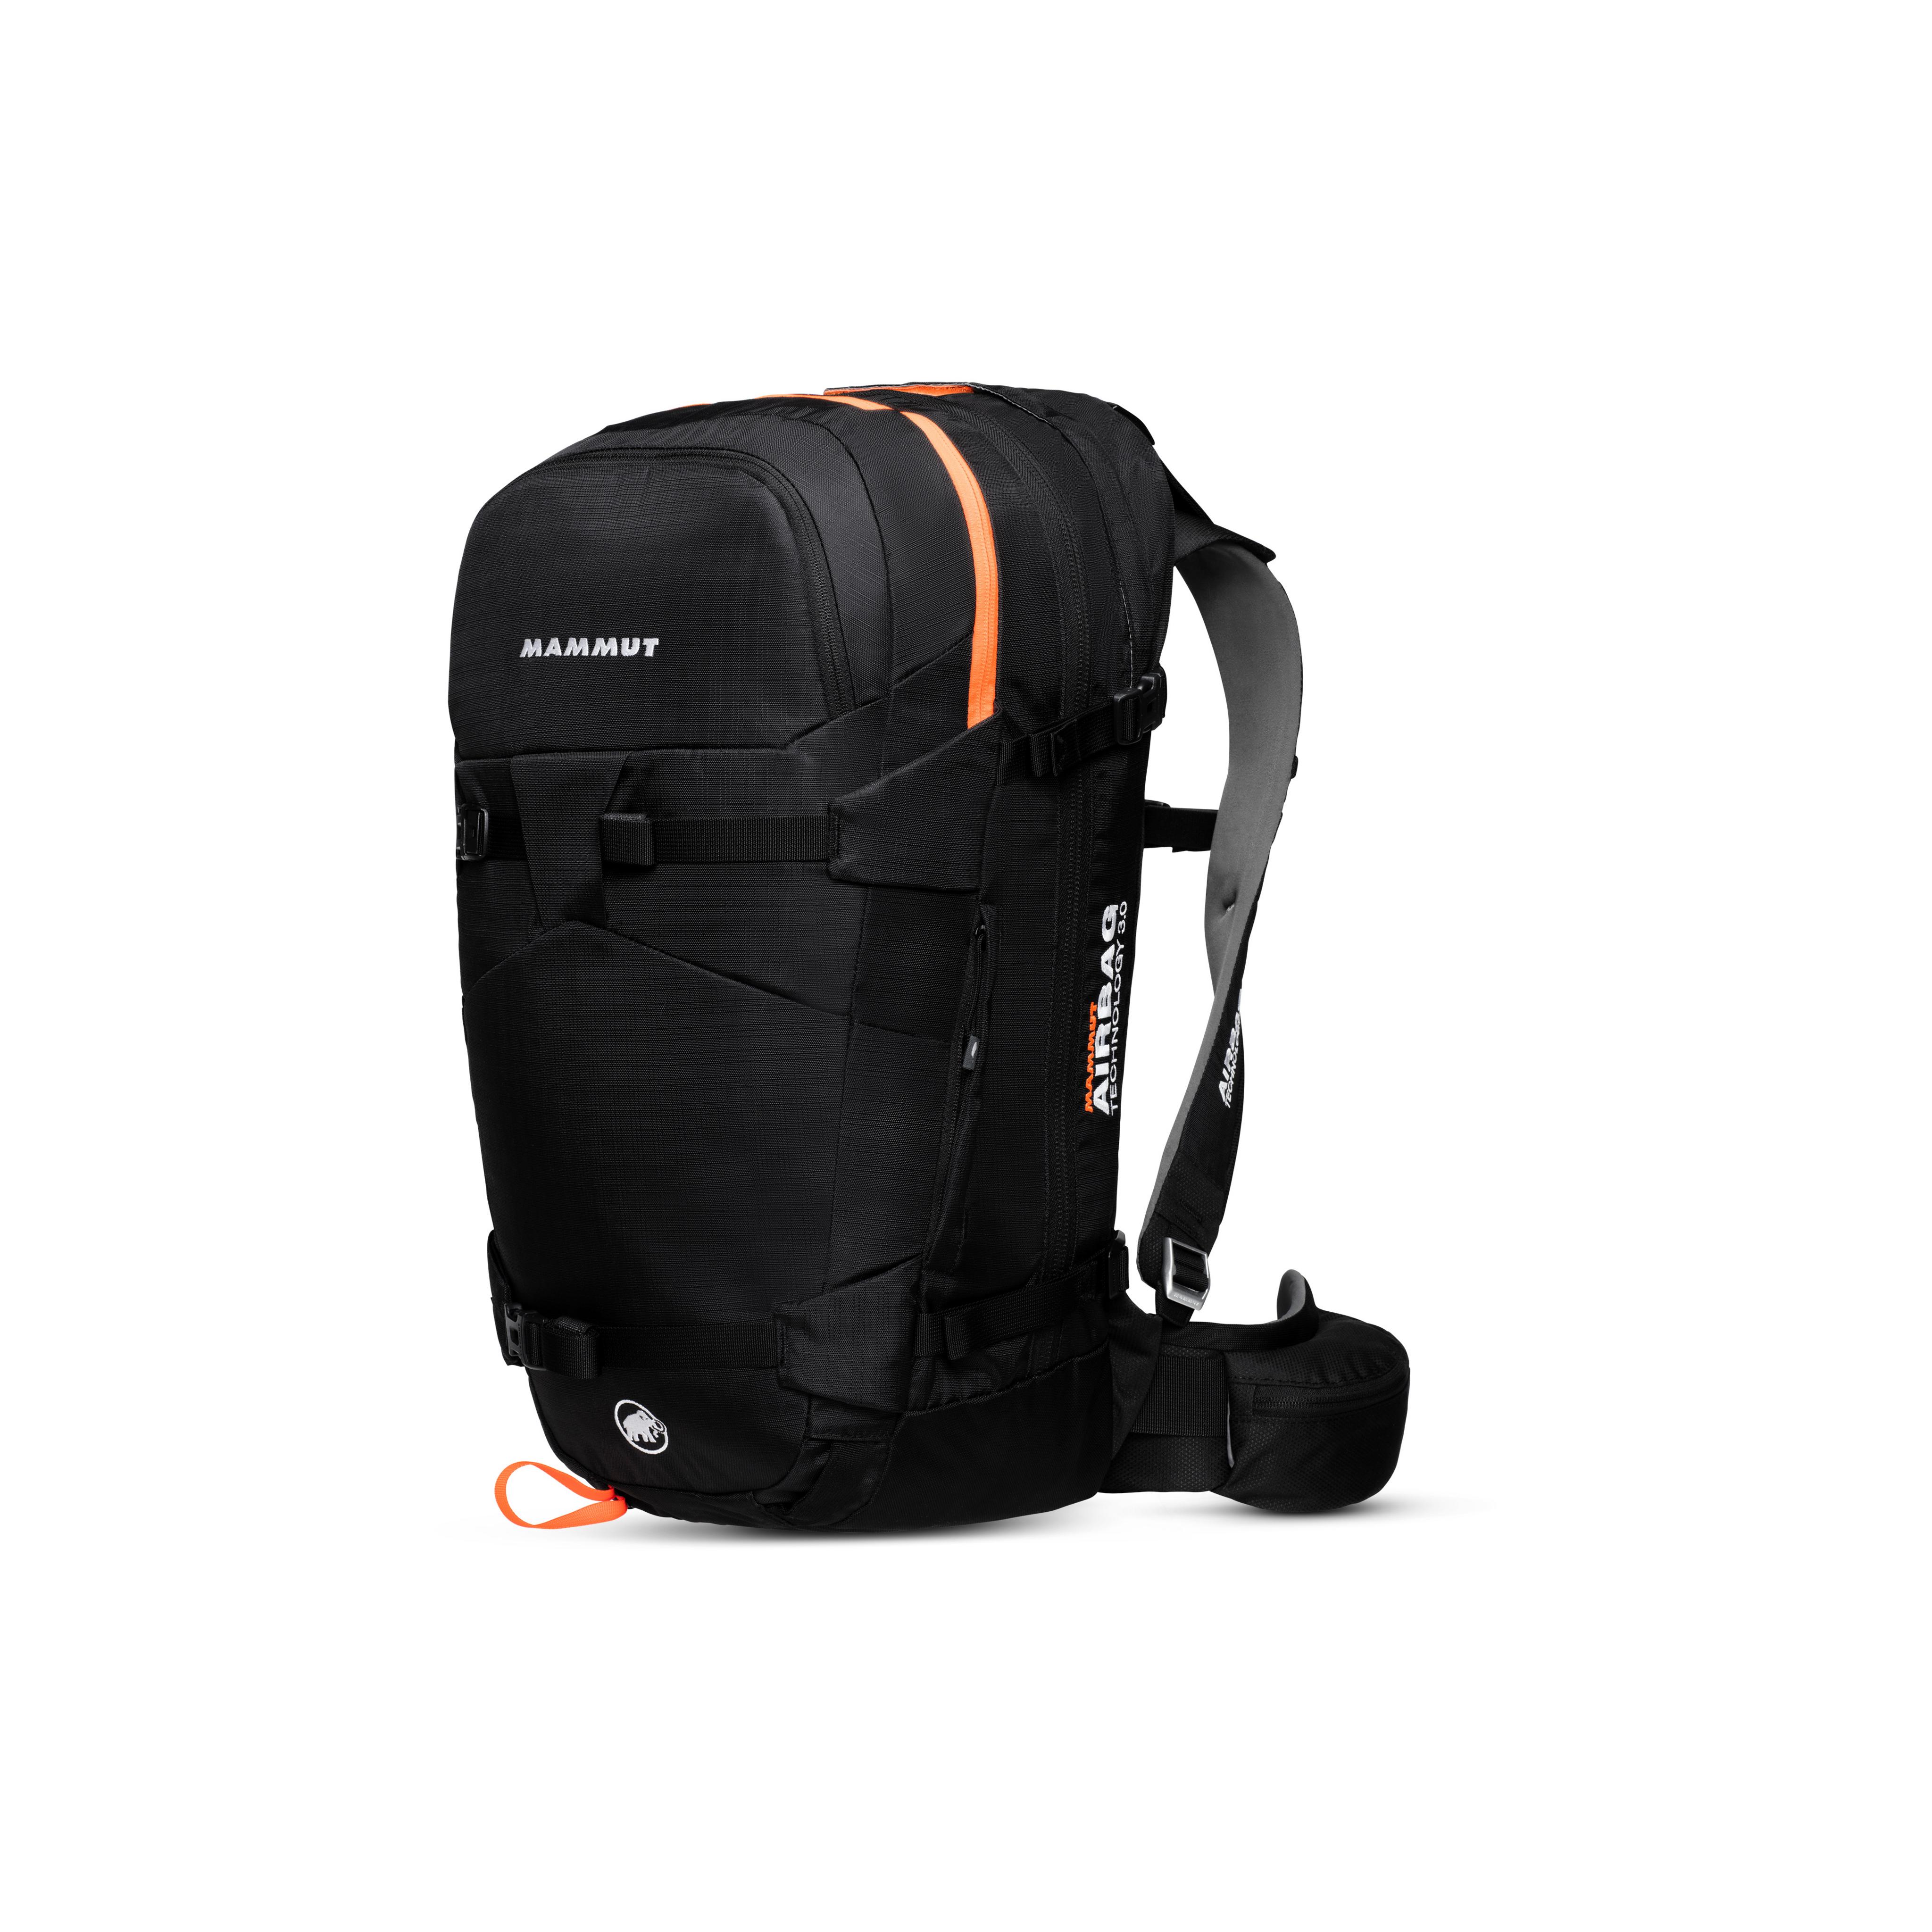 Ride Removable Airbag 3.0 - 30 L, black-vibrant orange thumbnail